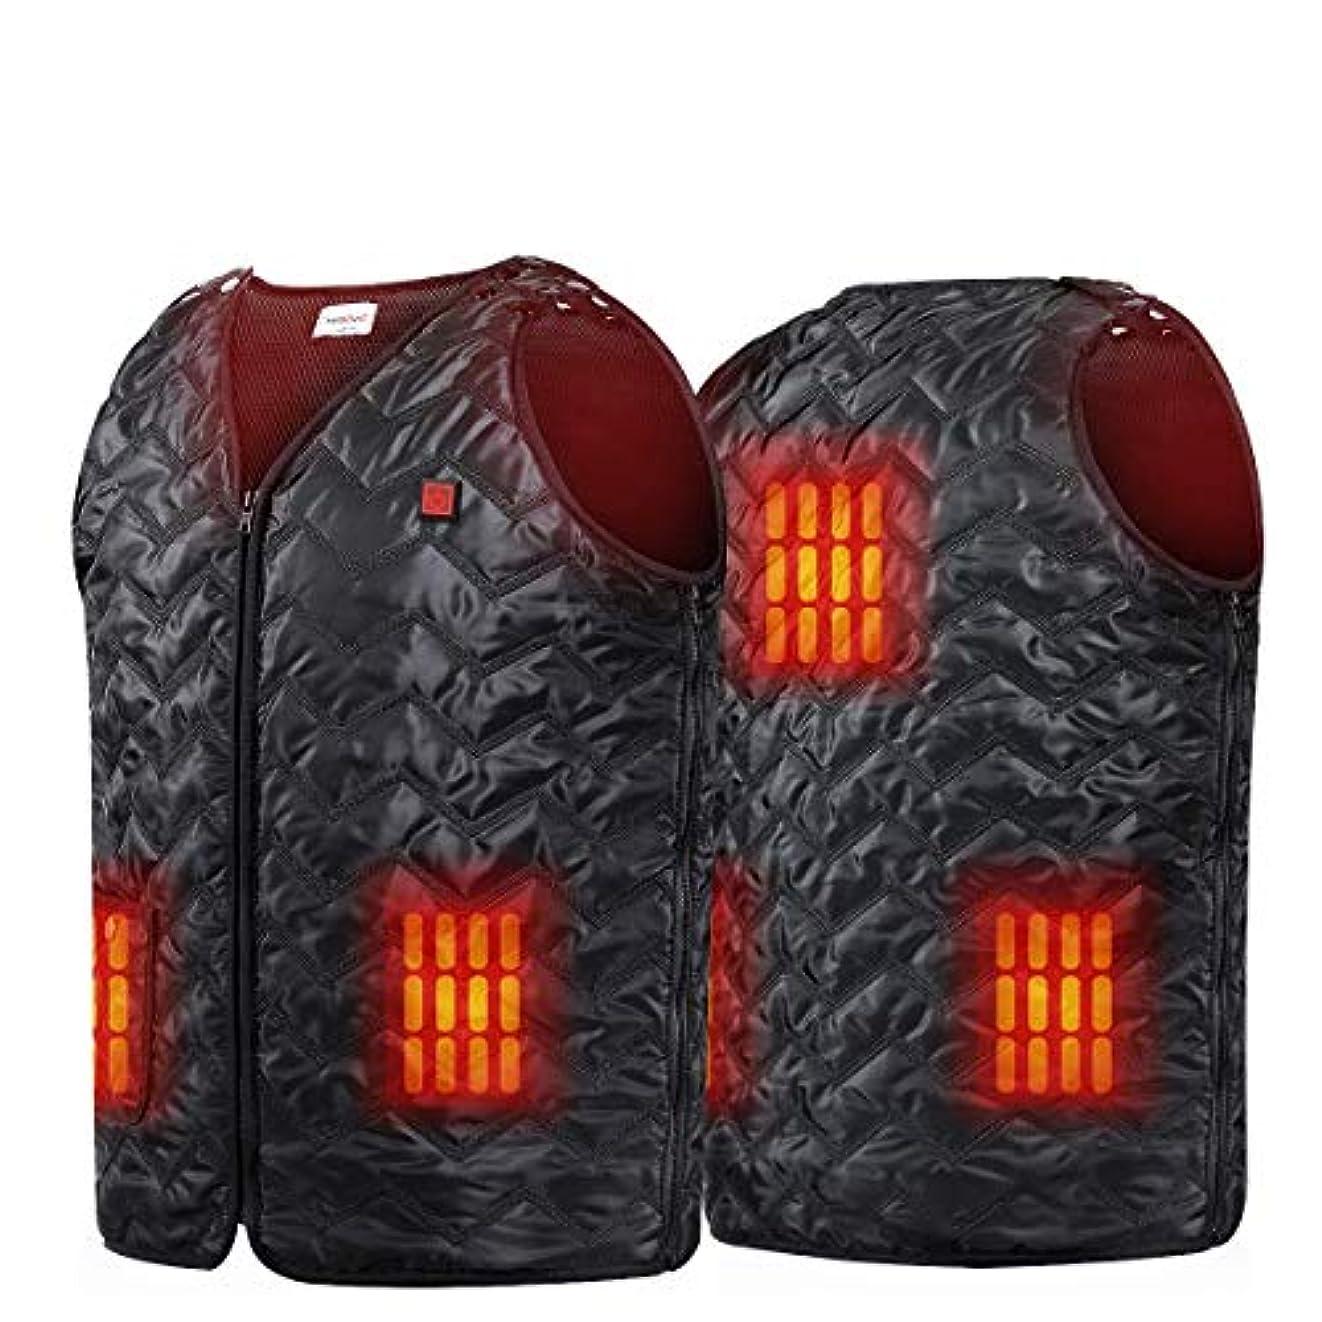 手入れマーガレットミッチェルメロディーNiubalac 温水ベスト バイク用 ハイキング 狩猟 釣り スキー用 5パネル加熱服サイズ調節可能なウォッシャブル軽量鎮痛剤を充電USB アウトドアアクティビティは男性女性ユニセックス 適合します Lサイズ ブラック